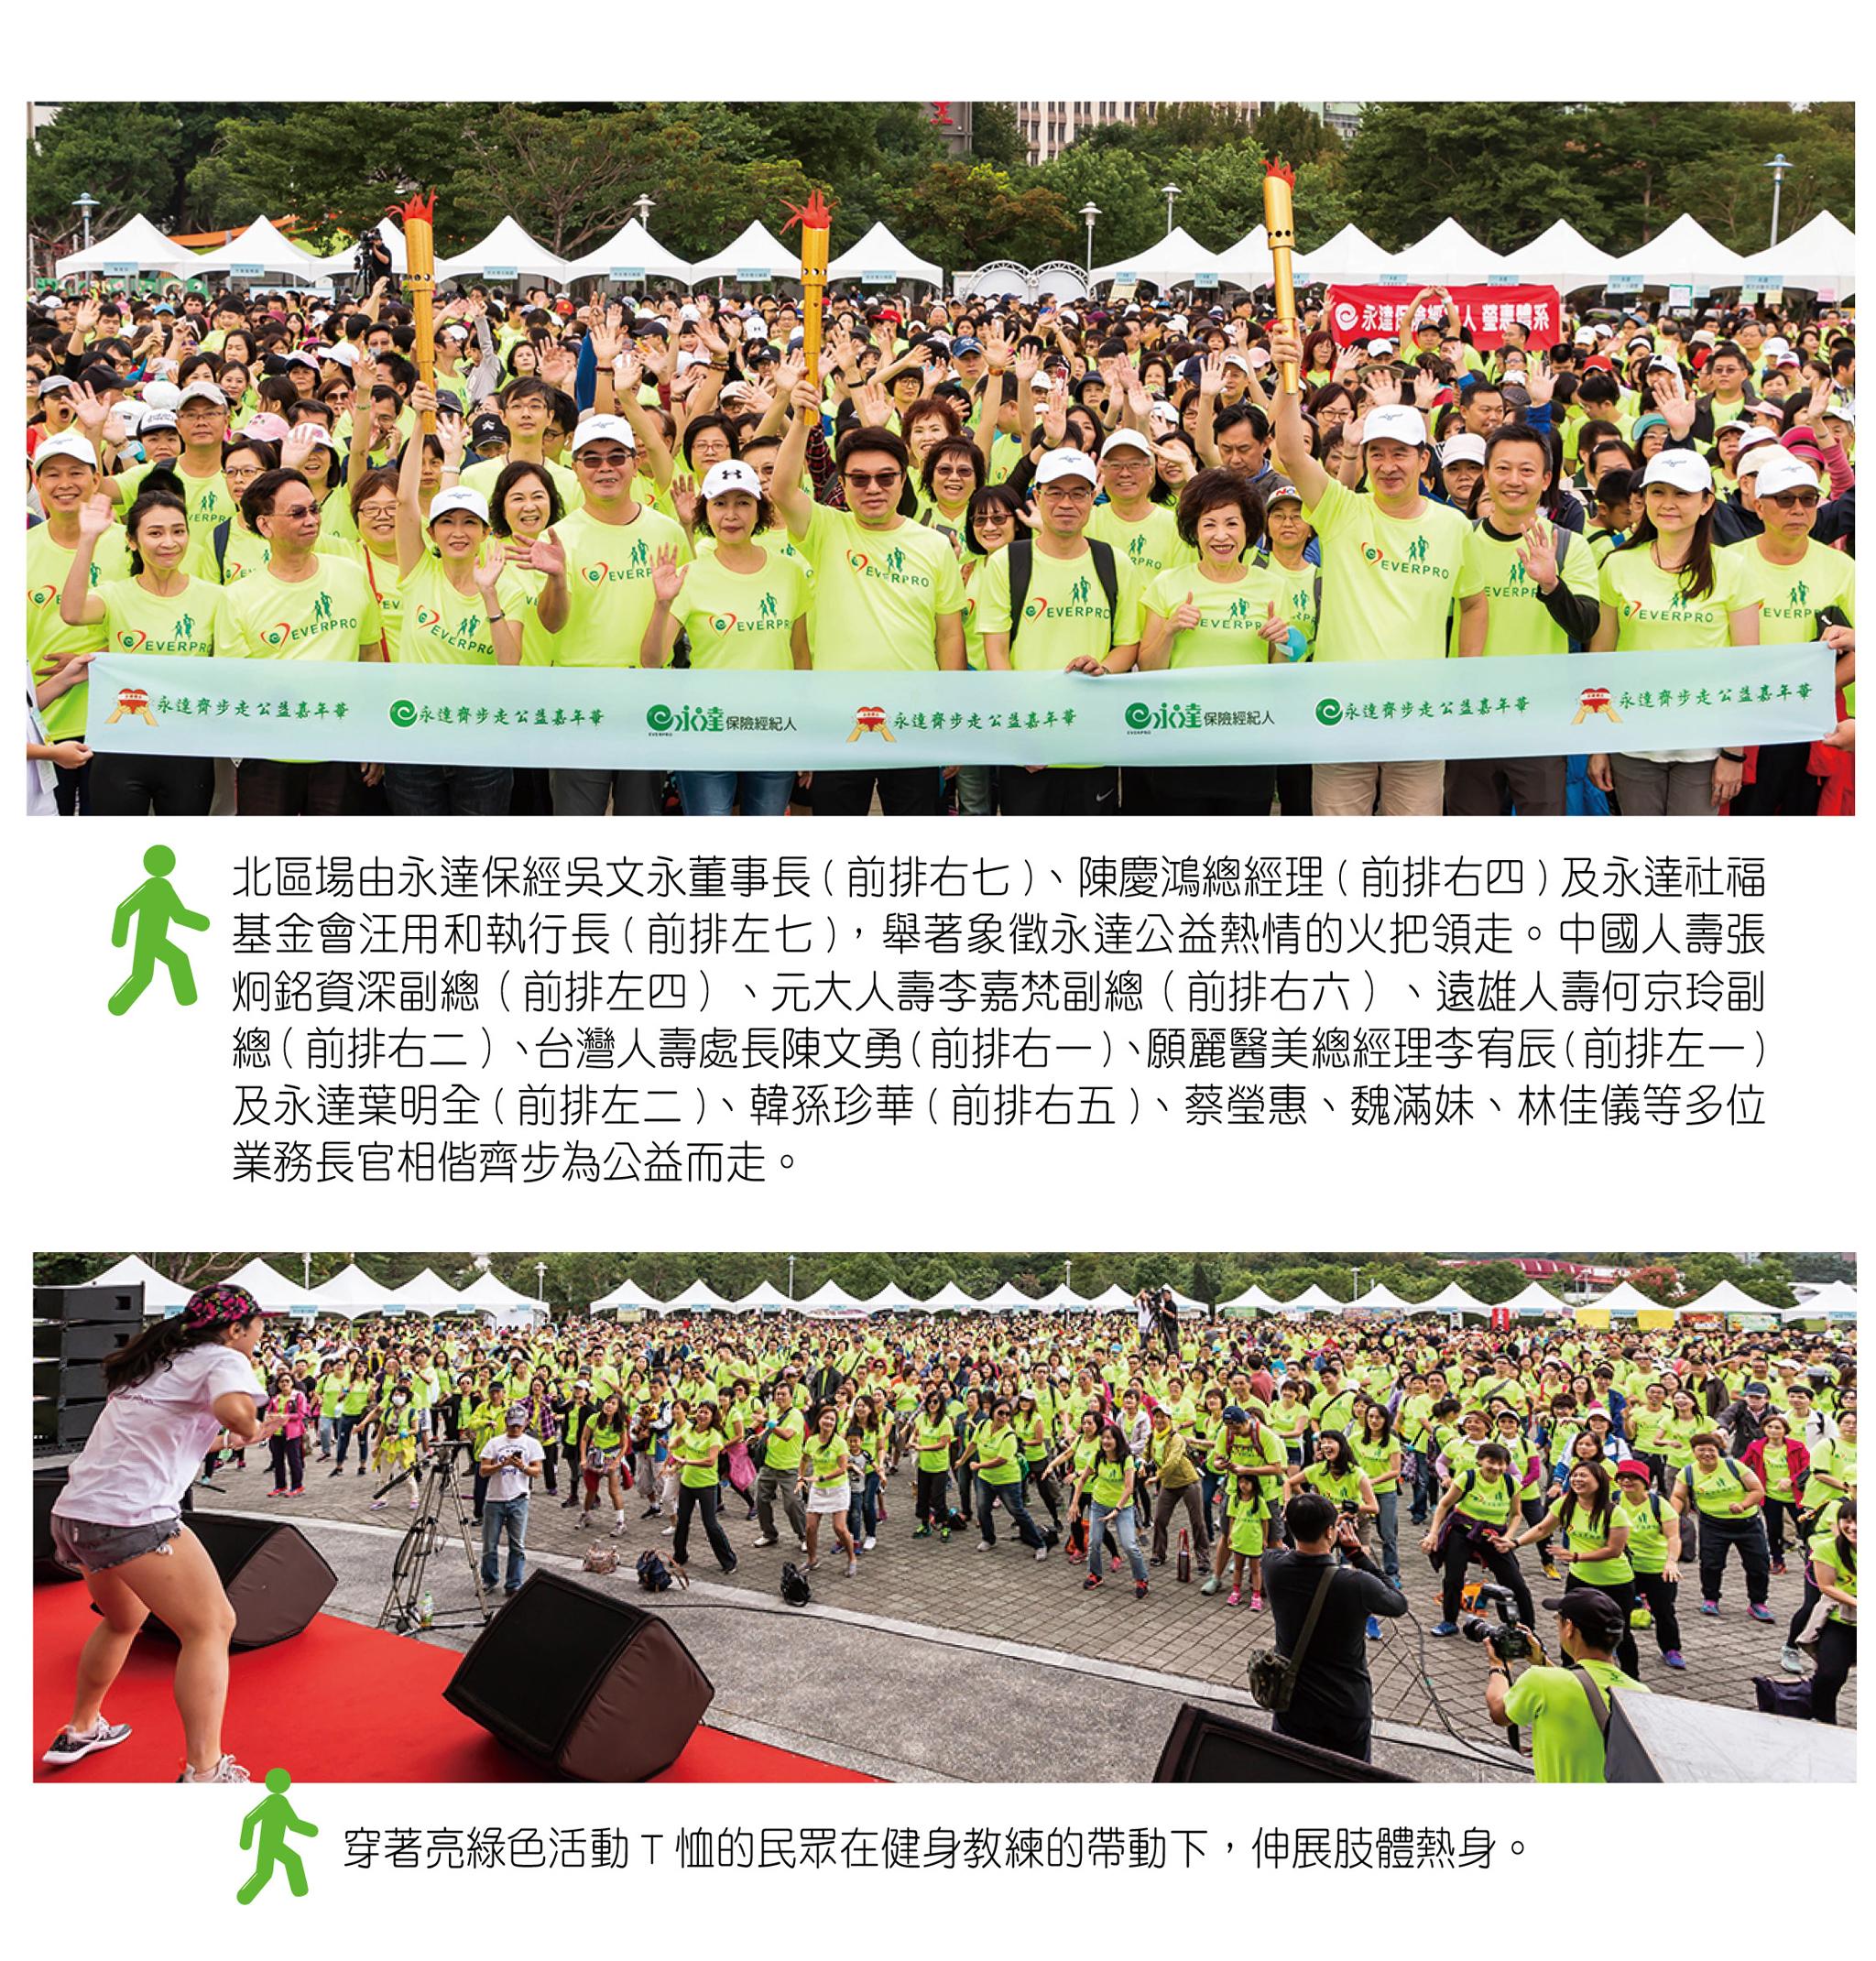 多位長官相偕齊步為公益而走,穿著亮綠色活動T恤的民眾在健身教練的帶動下,伸展肢體熱身。